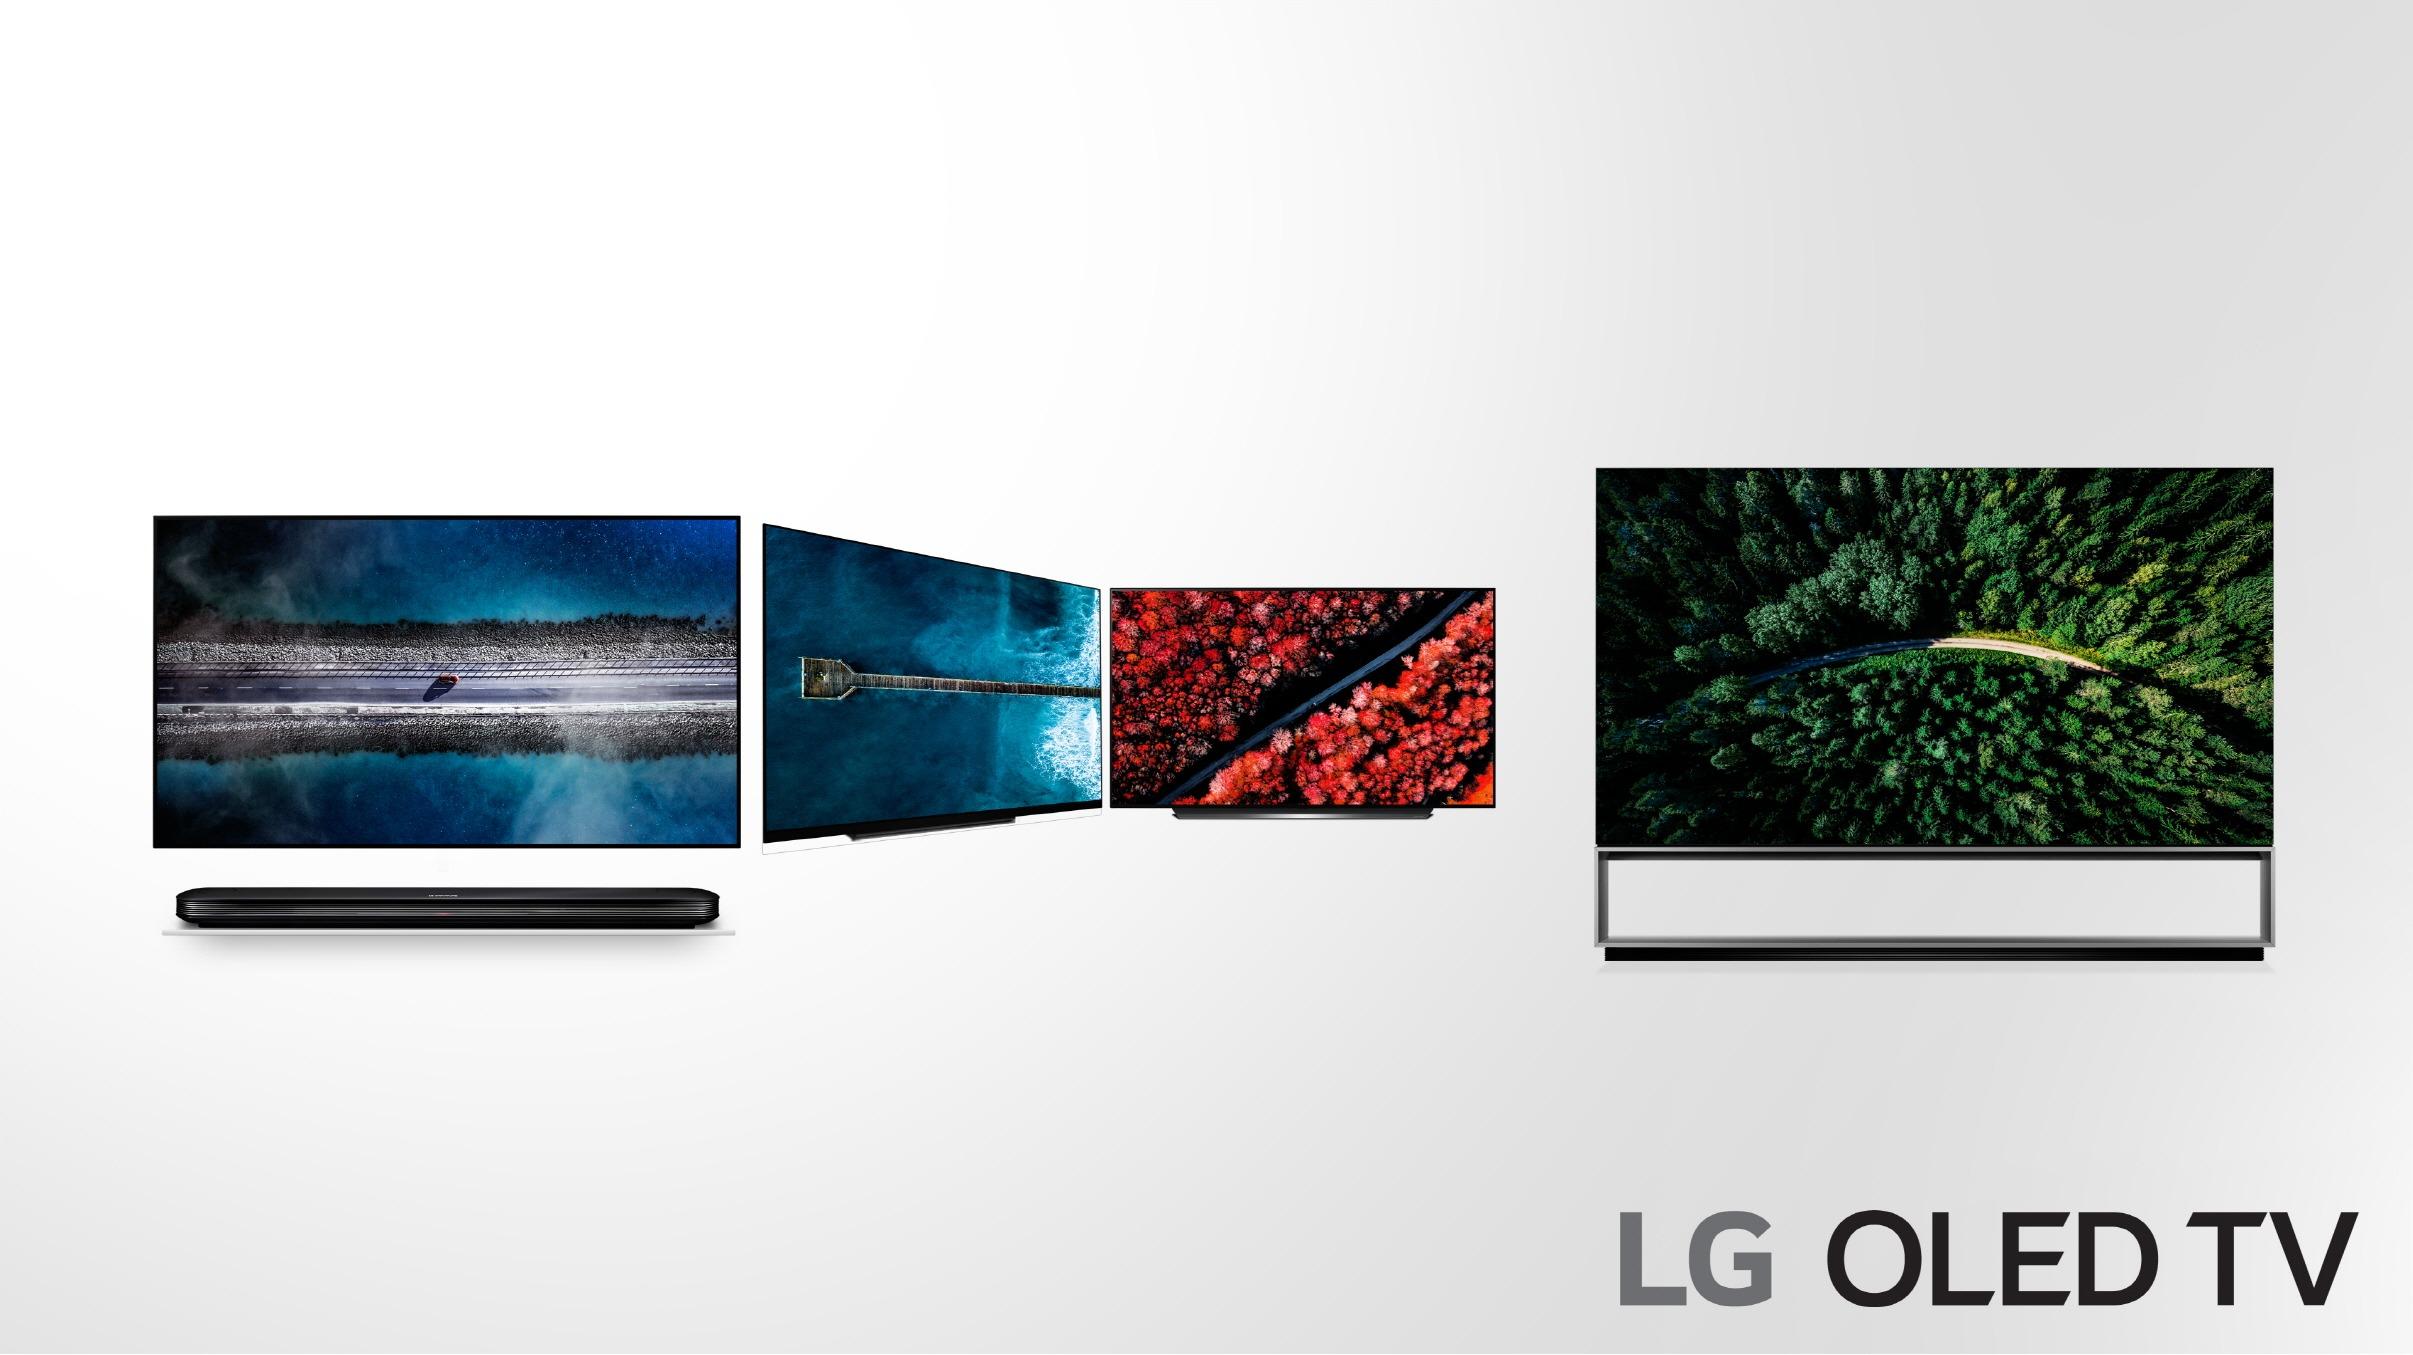 CES 2019: Nowe możliwości telewizorów LG wyposażonych w sztuczną inteligencję ThinQ oraz procesor Alpha 9 Gen 2